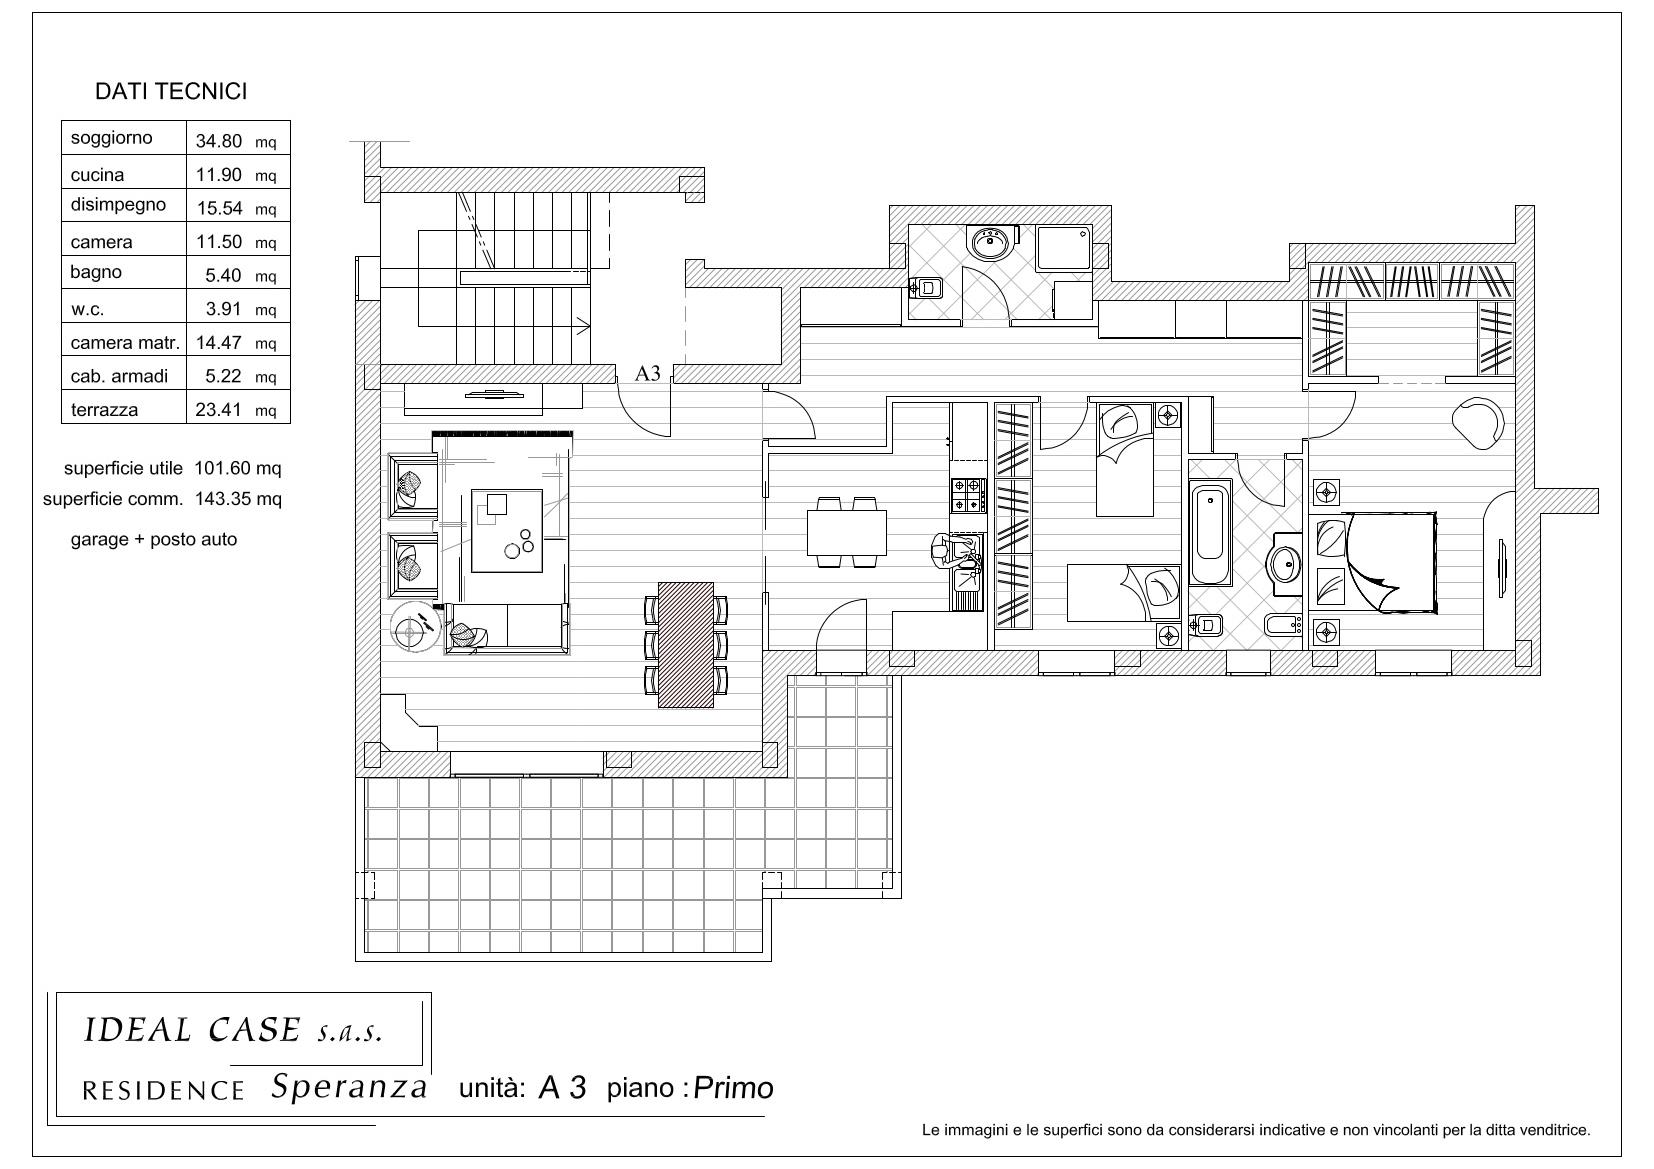 quadri-arredi-app-3-a3